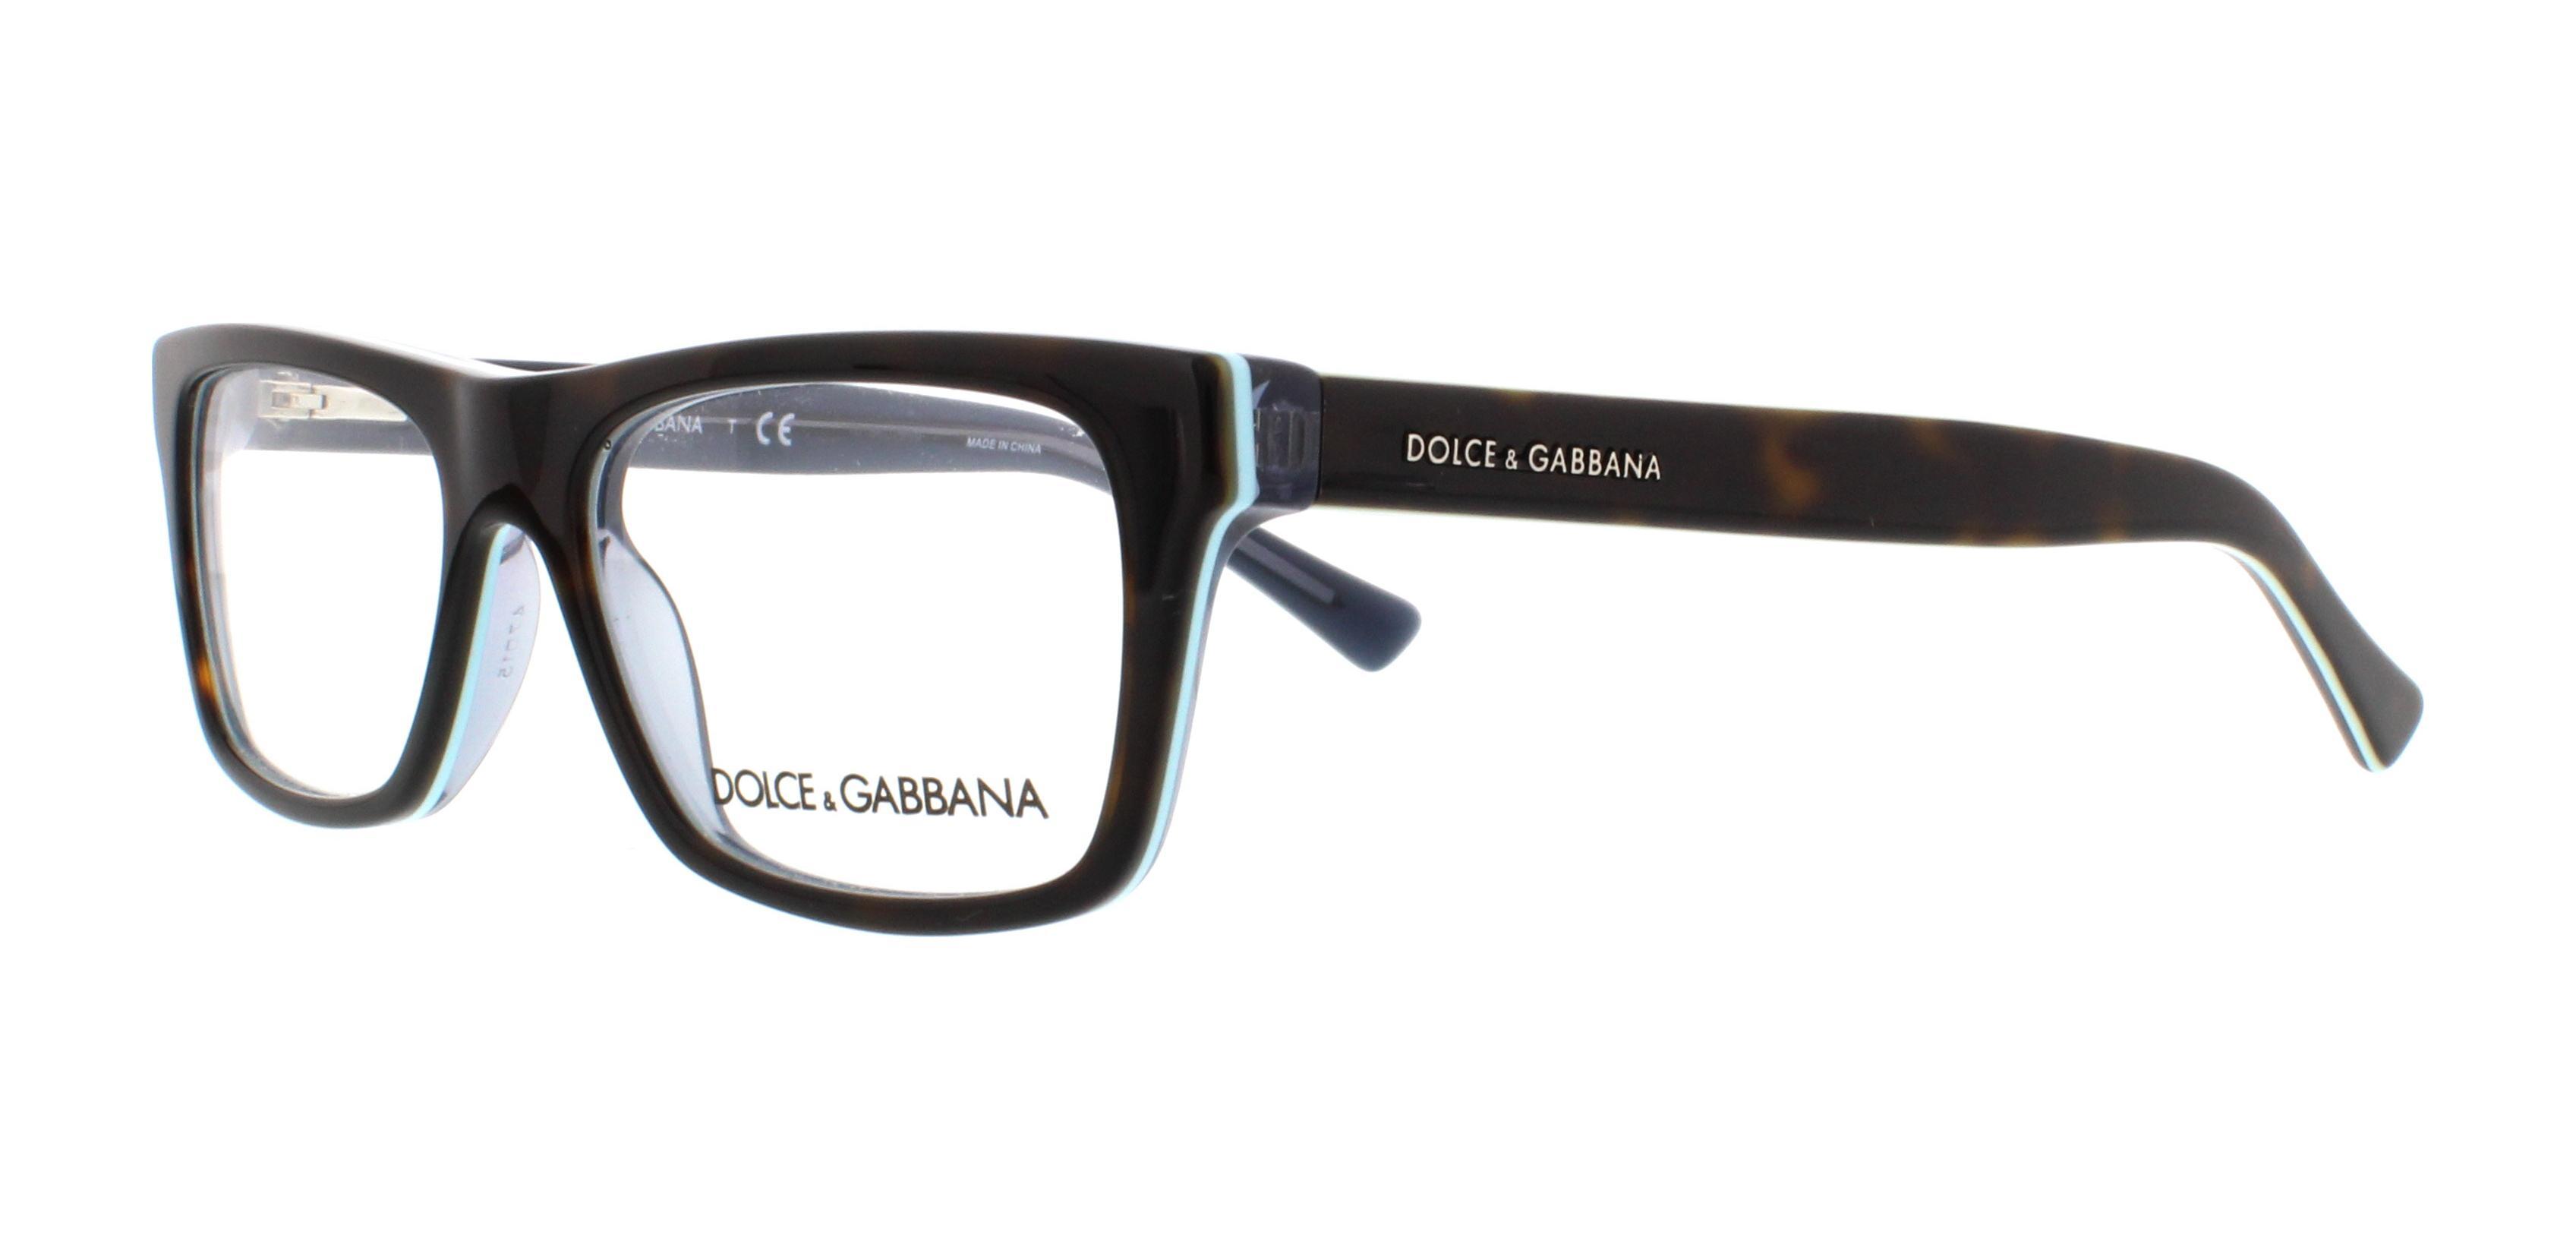 Designer Frames Outlet. Dolce & Gabbana DG3205